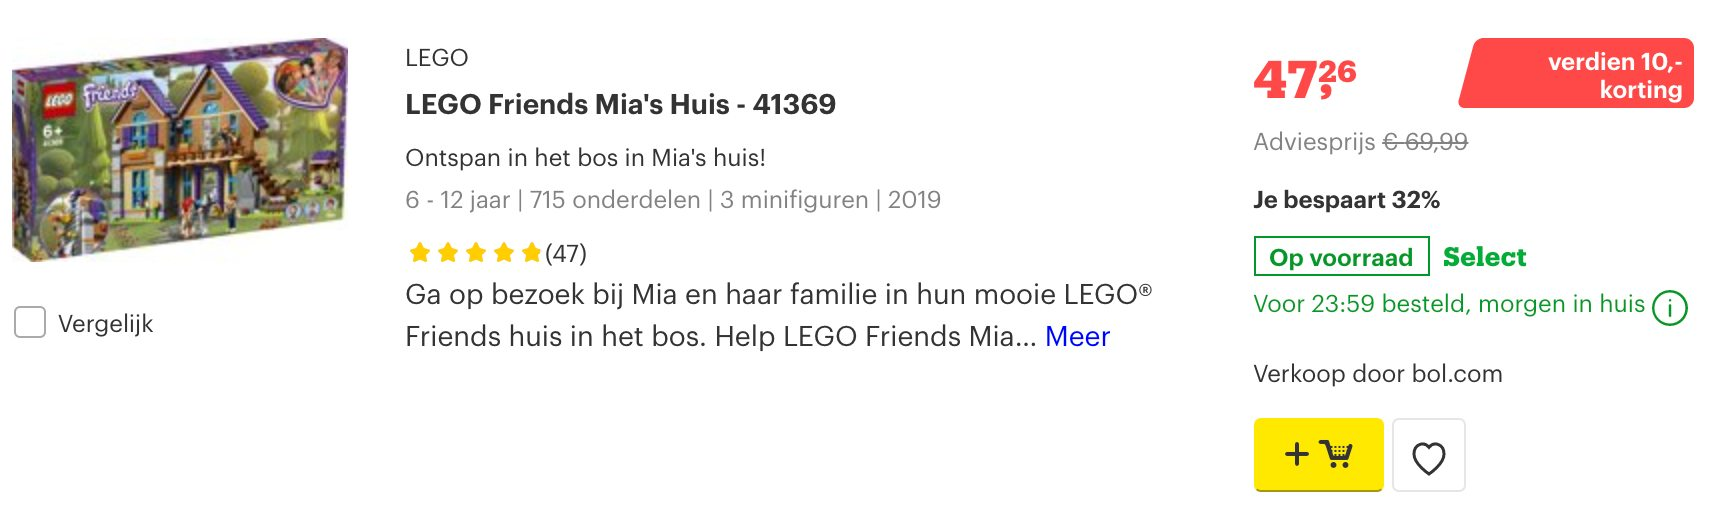 lego aanbiedingen bol.com